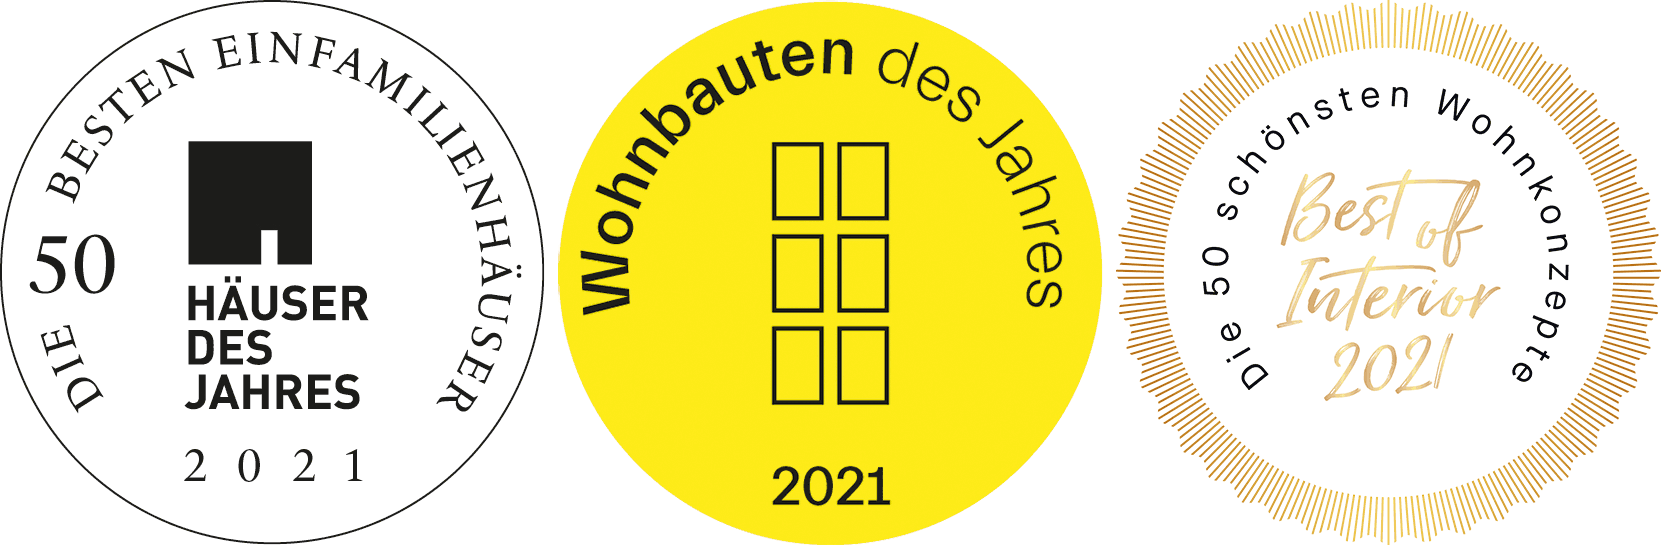 Bücher Des Jahres 2021